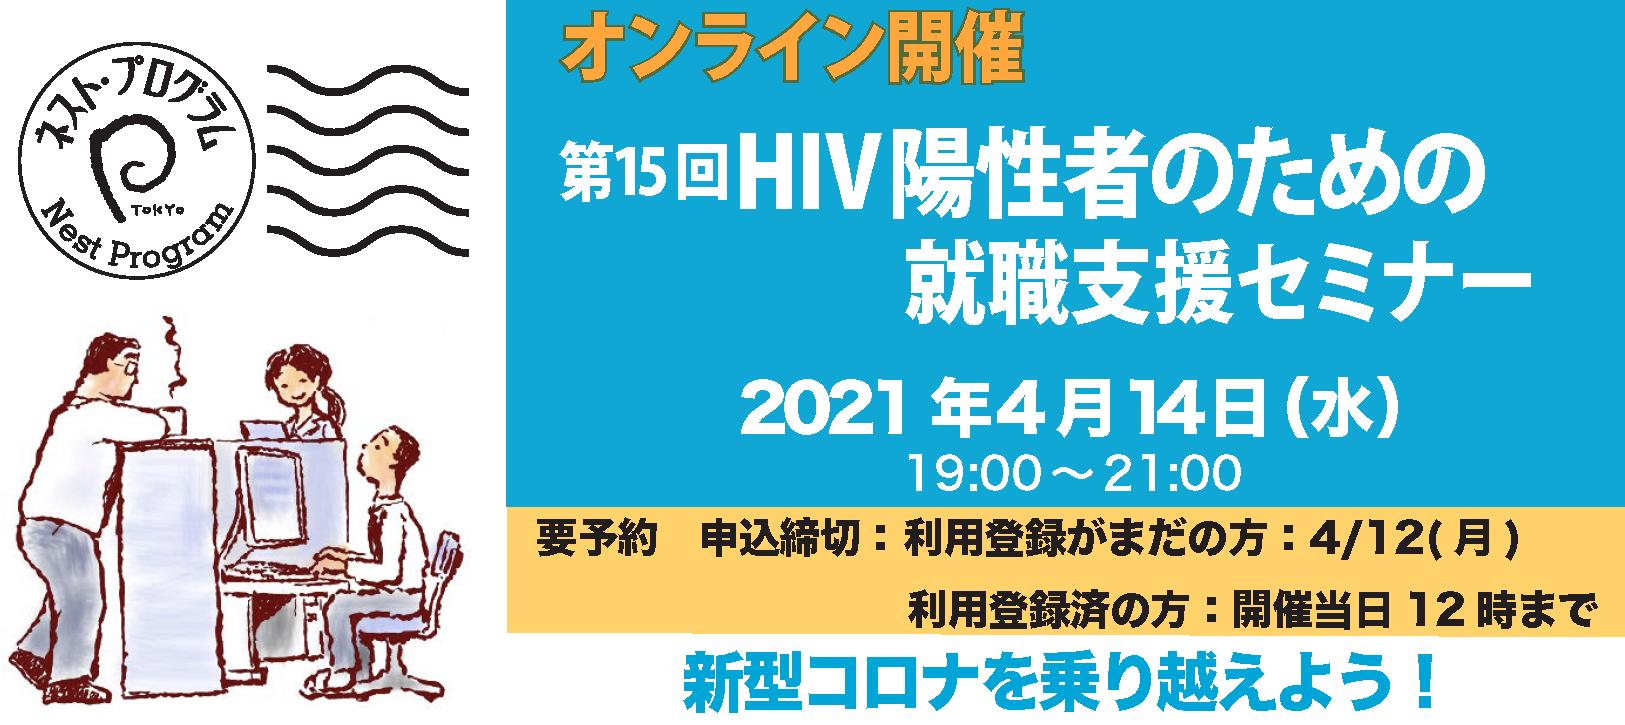 第15回HIV陽性者のための就職支援セミナー